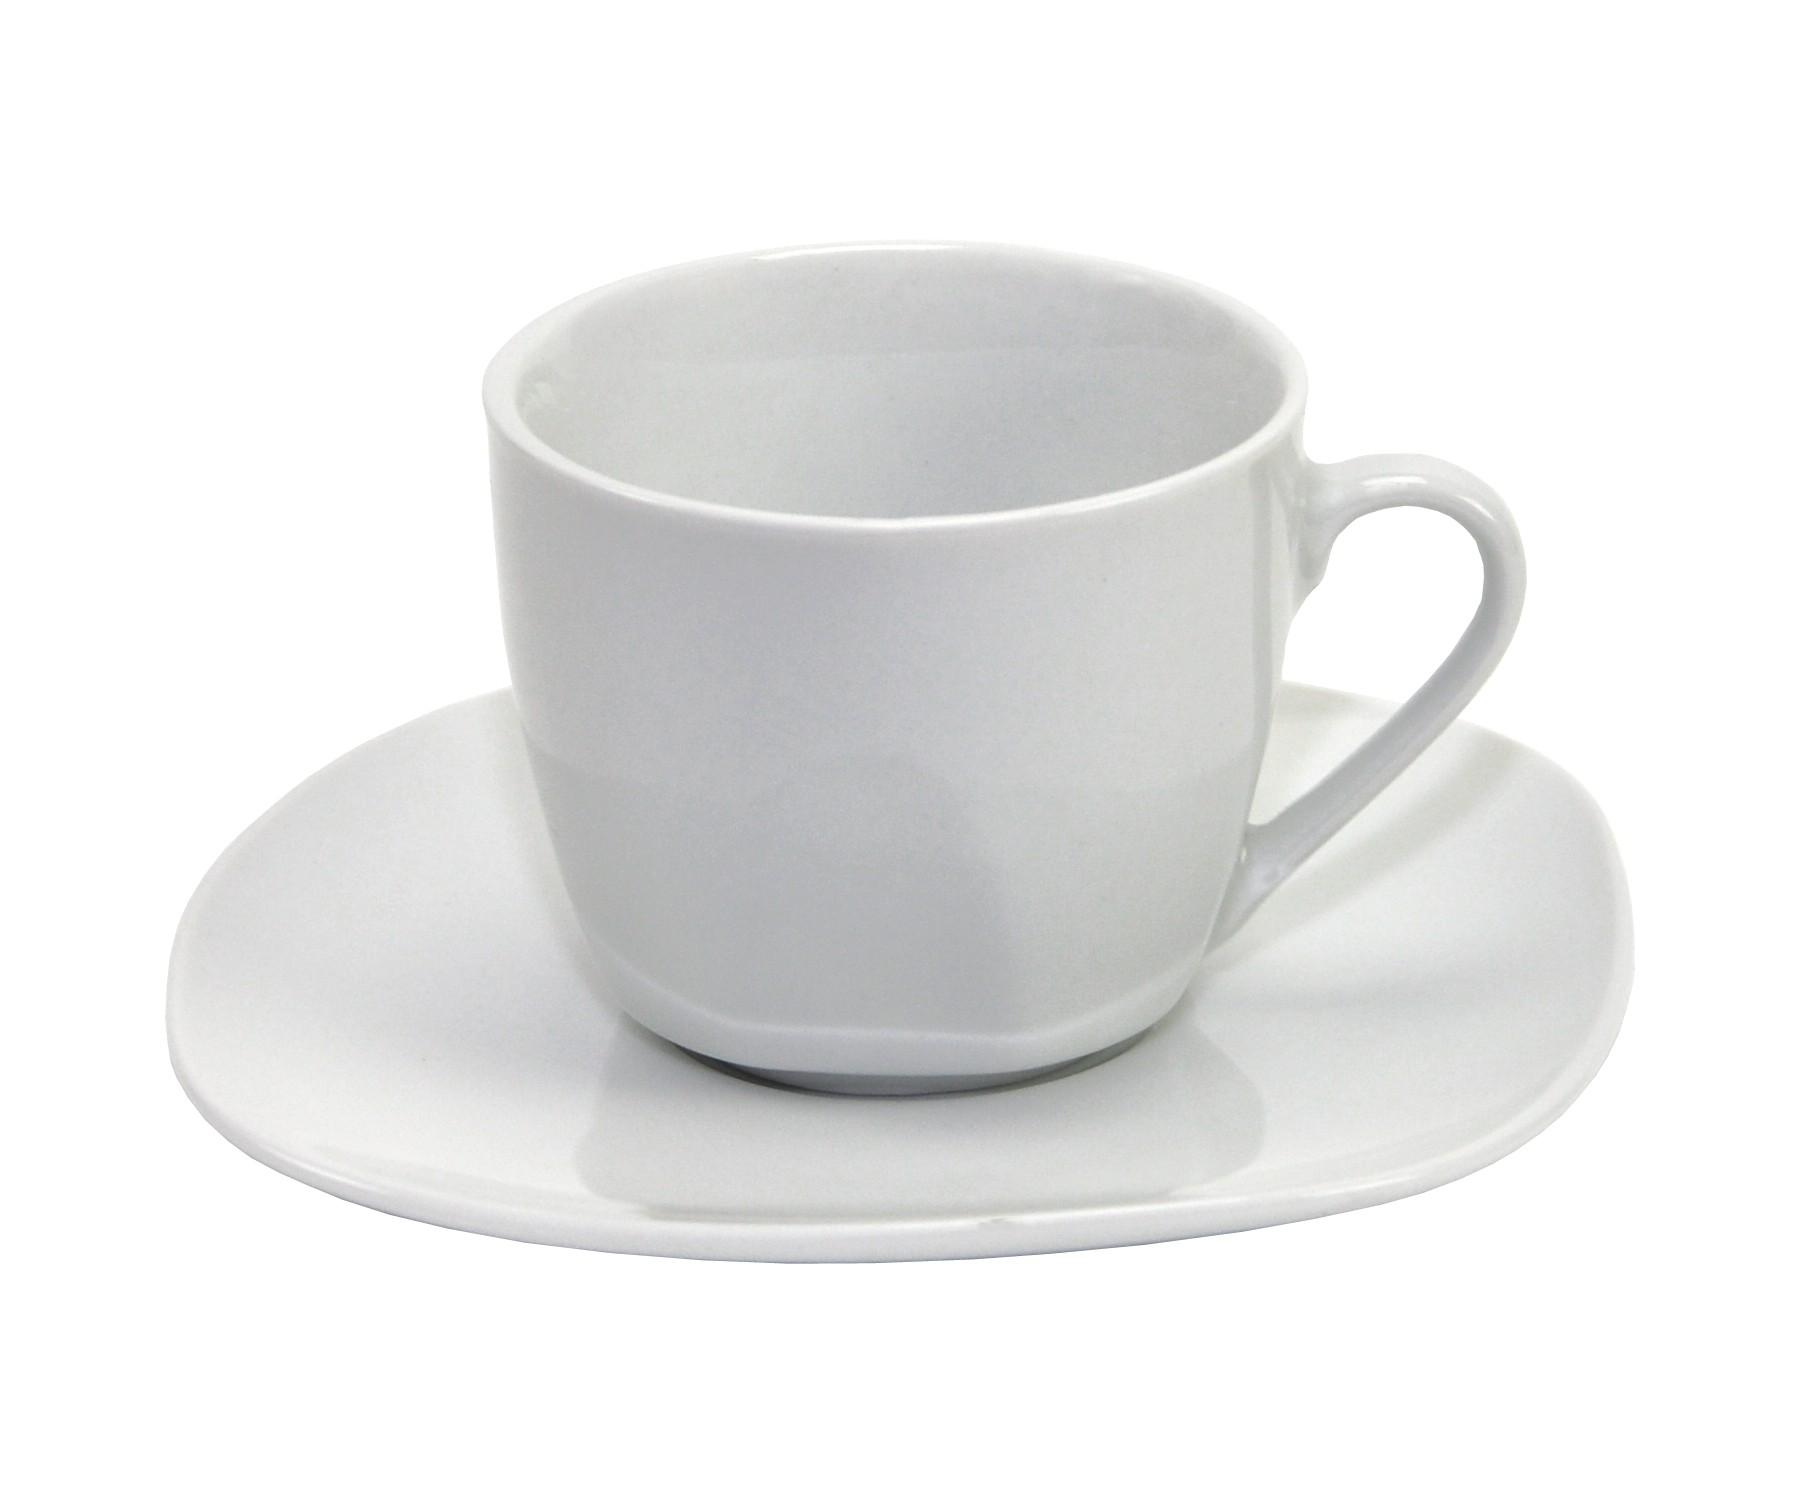 2tlg set kaffeetasse mit untertasse atrium porzellan tassen und becher. Black Bedroom Furniture Sets. Home Design Ideas